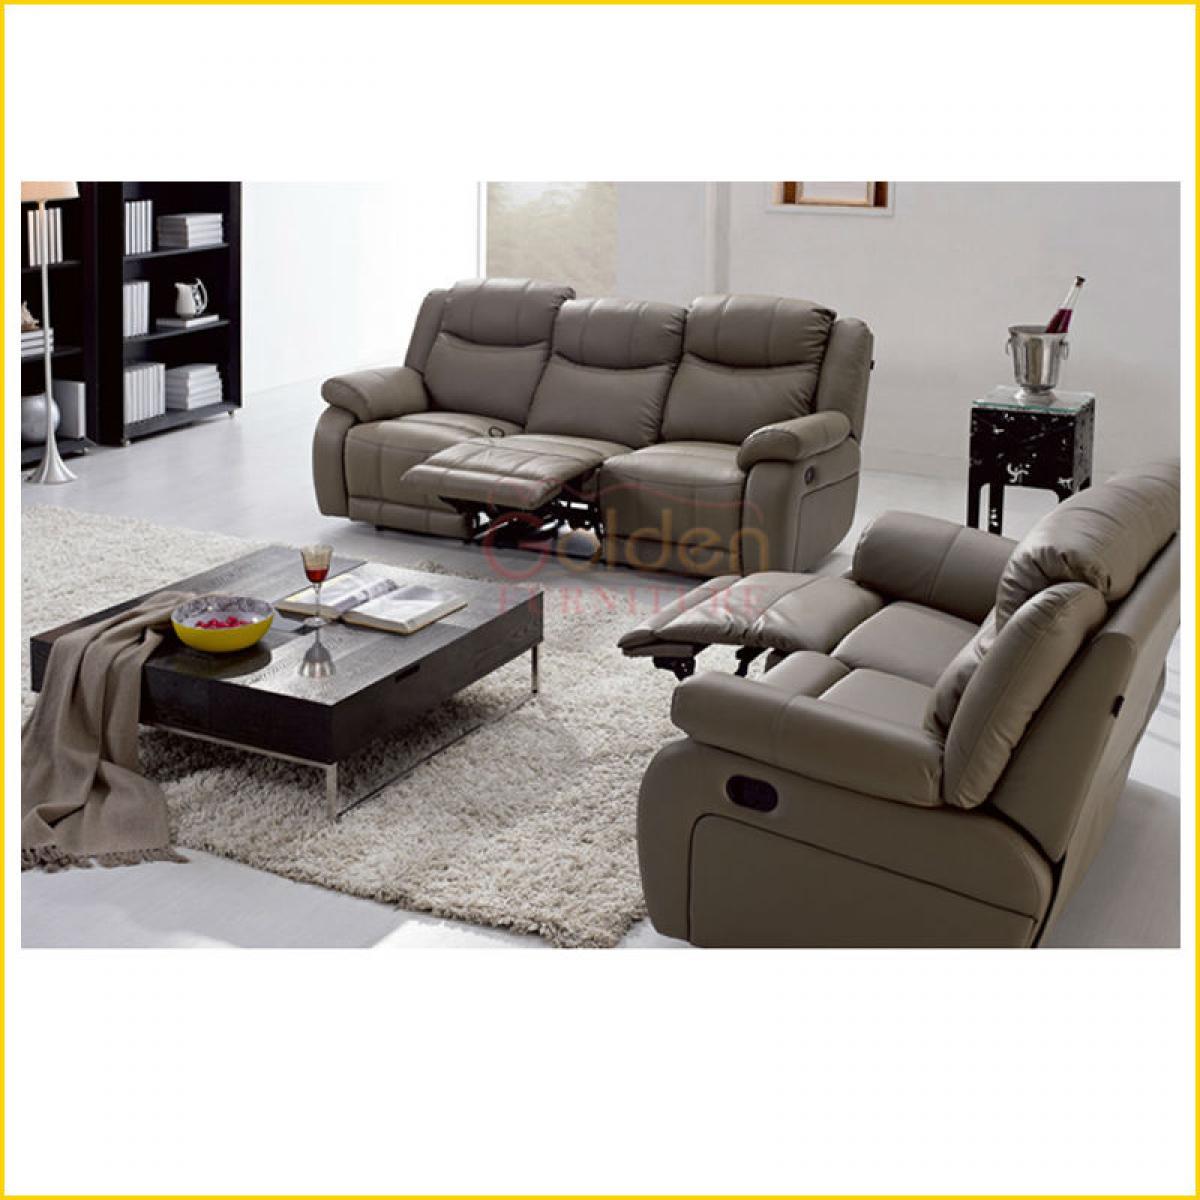 photos canap natuzzi cuir. Black Bedroom Furniture Sets. Home Design Ideas